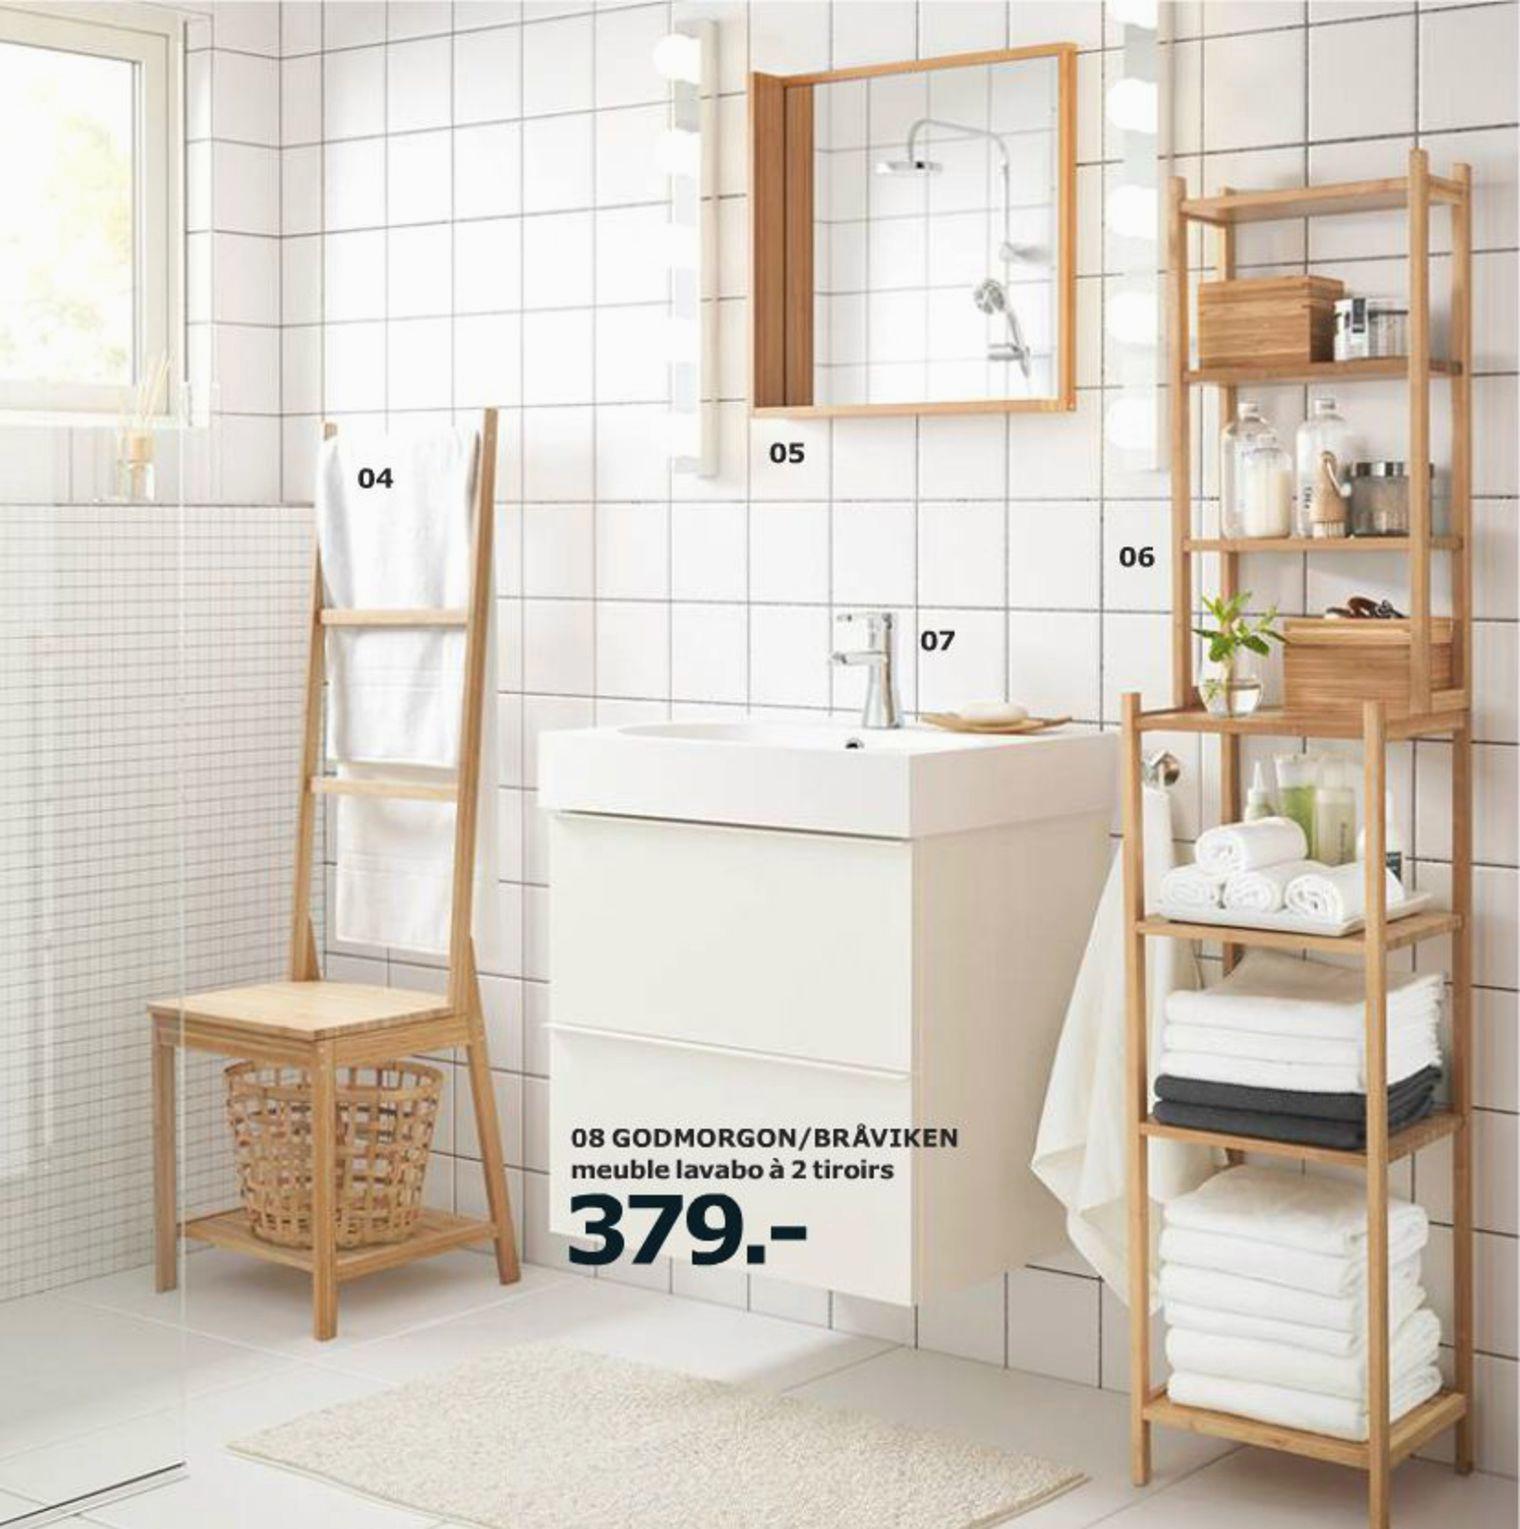 Echelle Salle De Bain Ikea Impressionnant Stock 20 Meilleur De Etagere Echelle Salle De Bain Bain